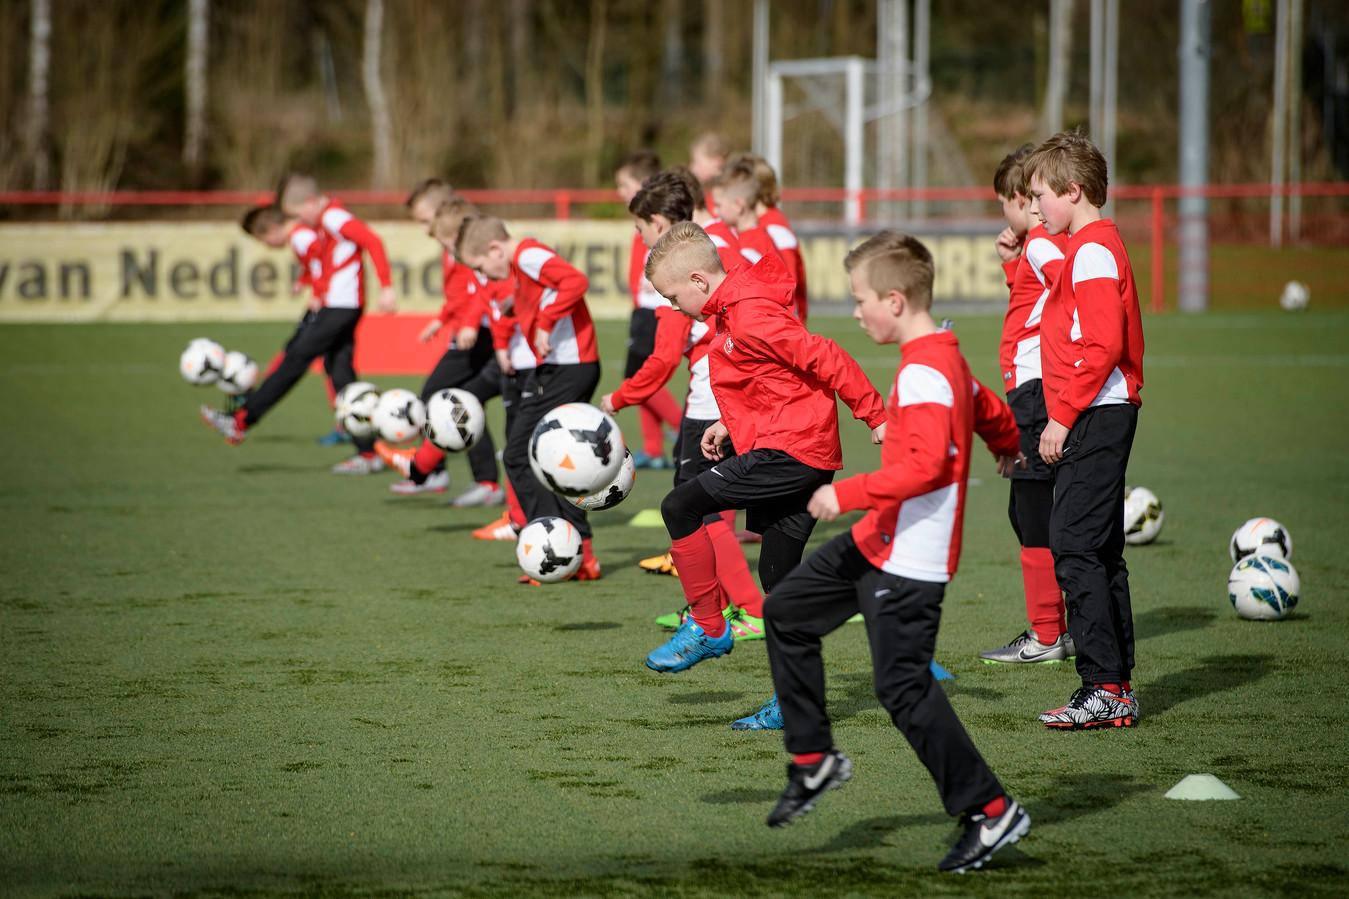 FC Twente en Heracles gaan op basis van gelijkwaardigheid bouwen aan de jeugdopleiding.